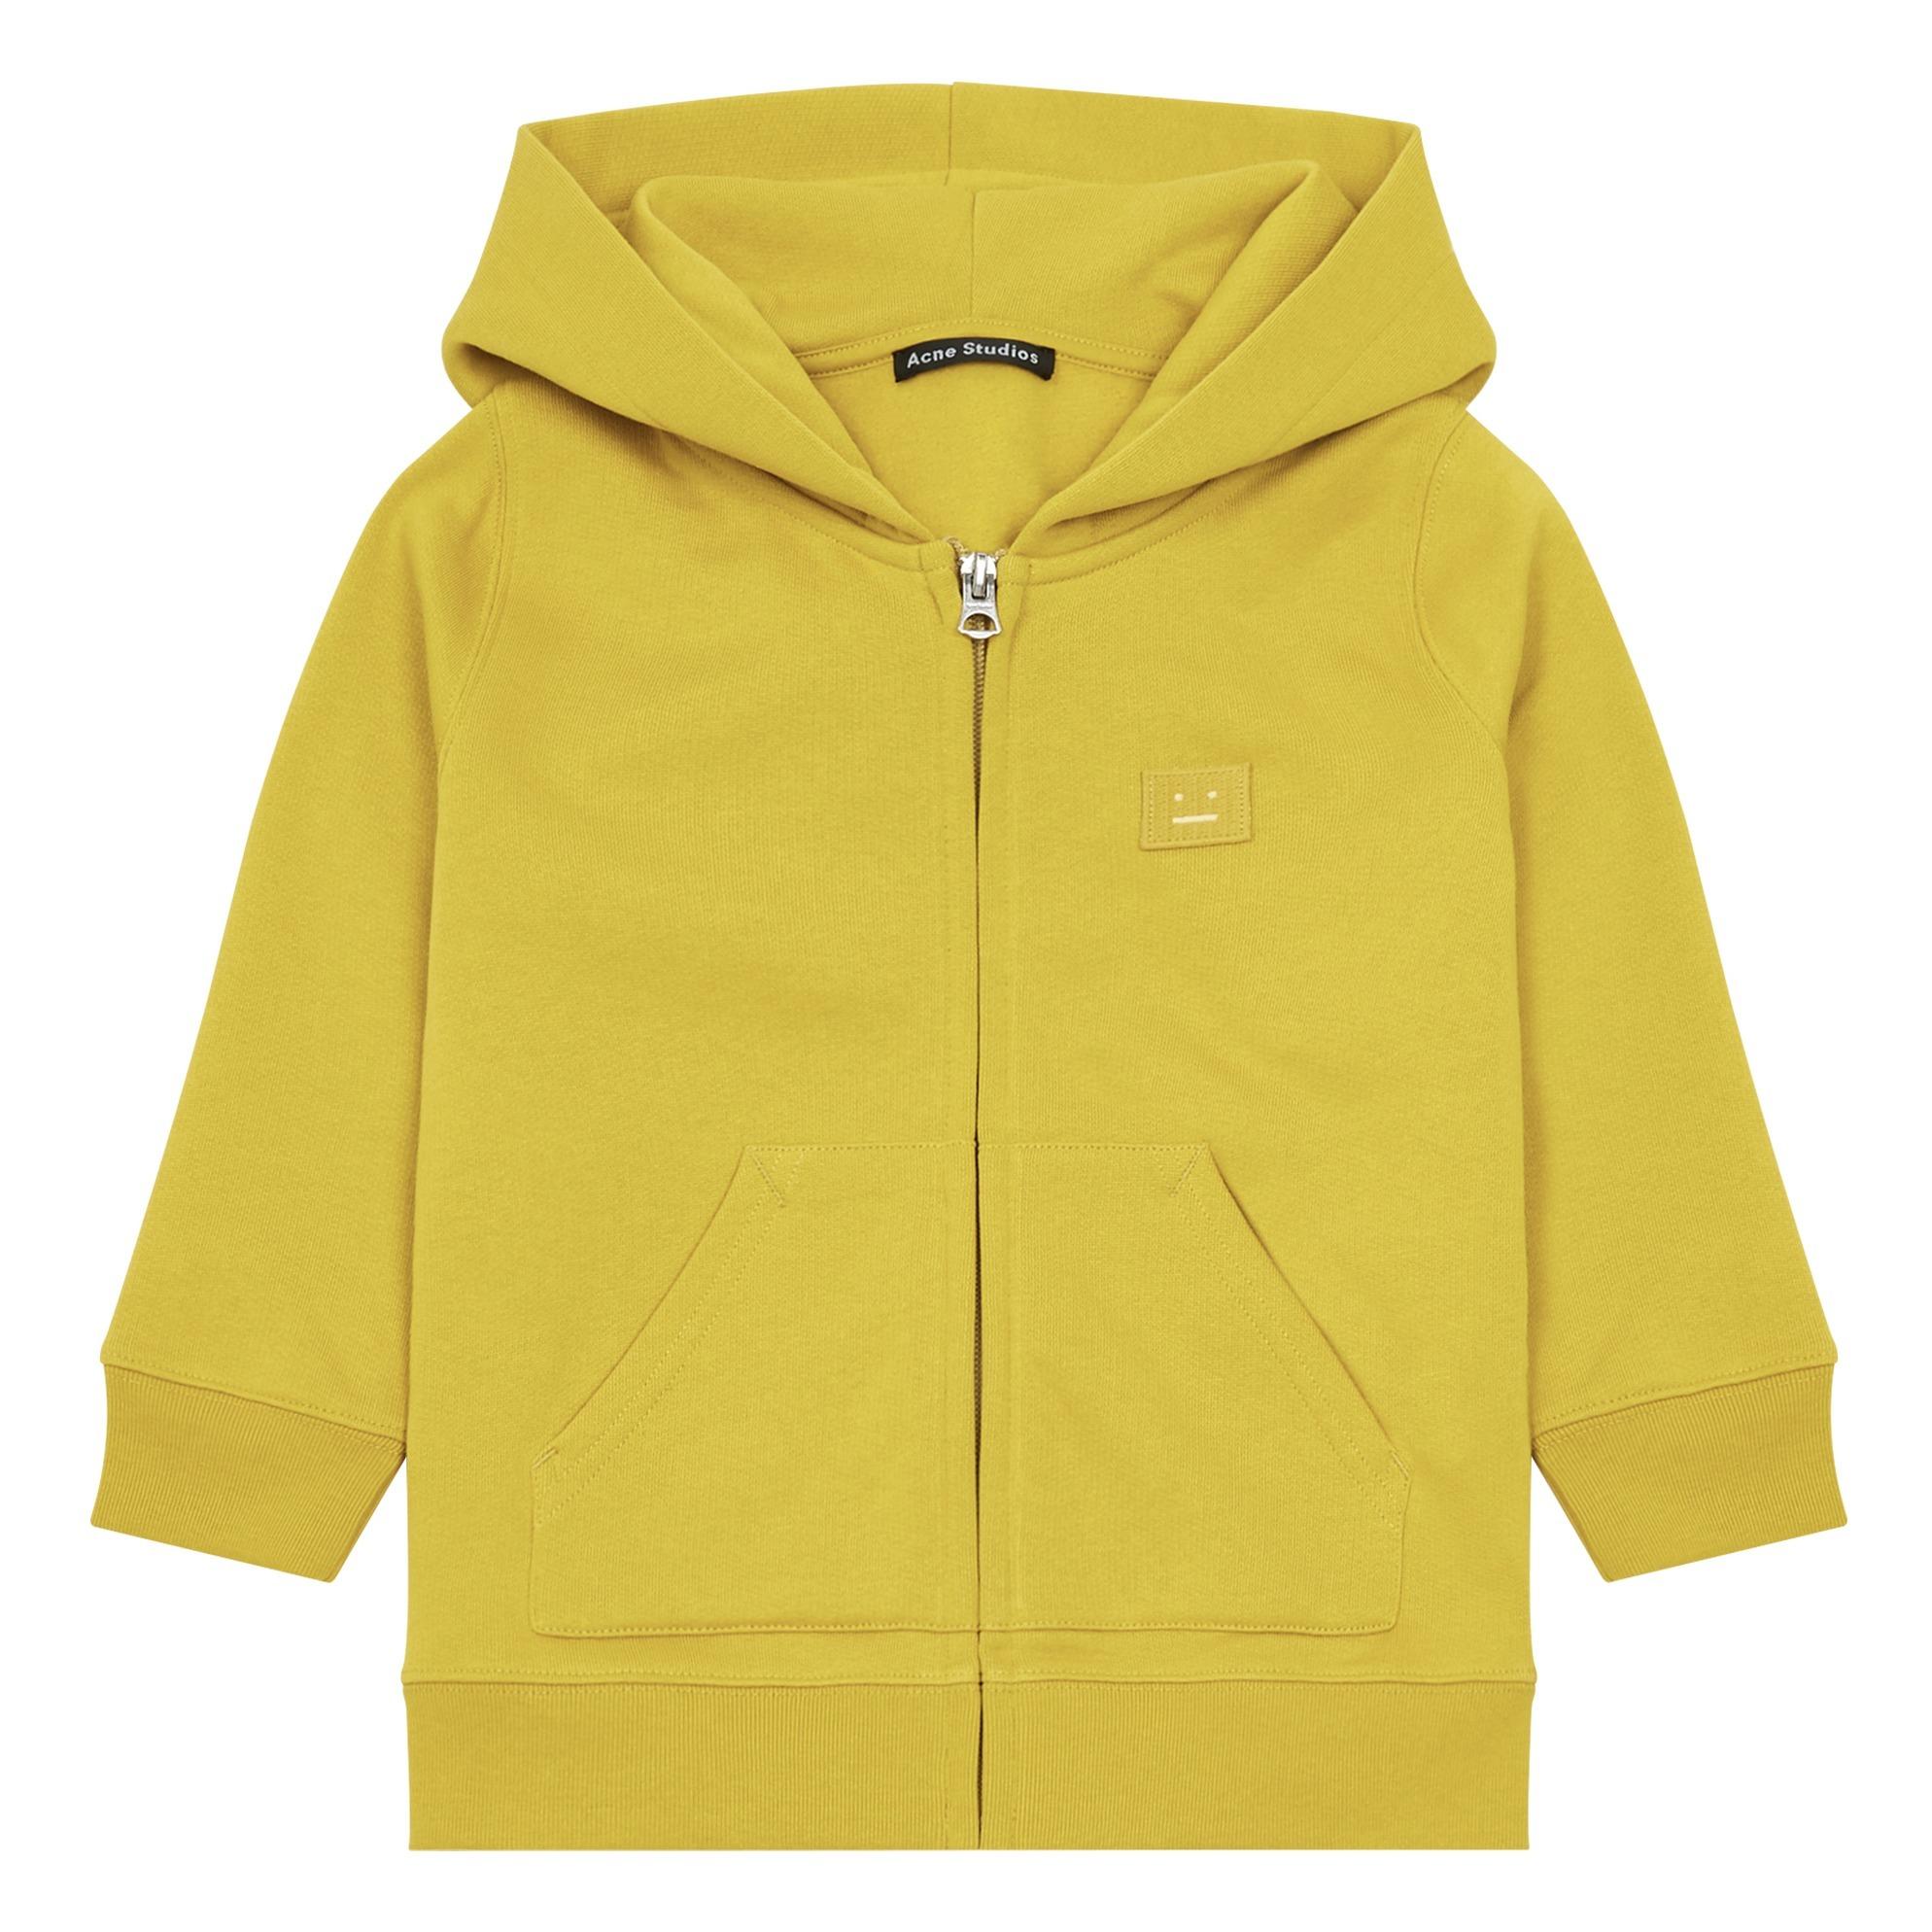 Sweatshirt Reißverschluss Empfehlung Highlight 6928